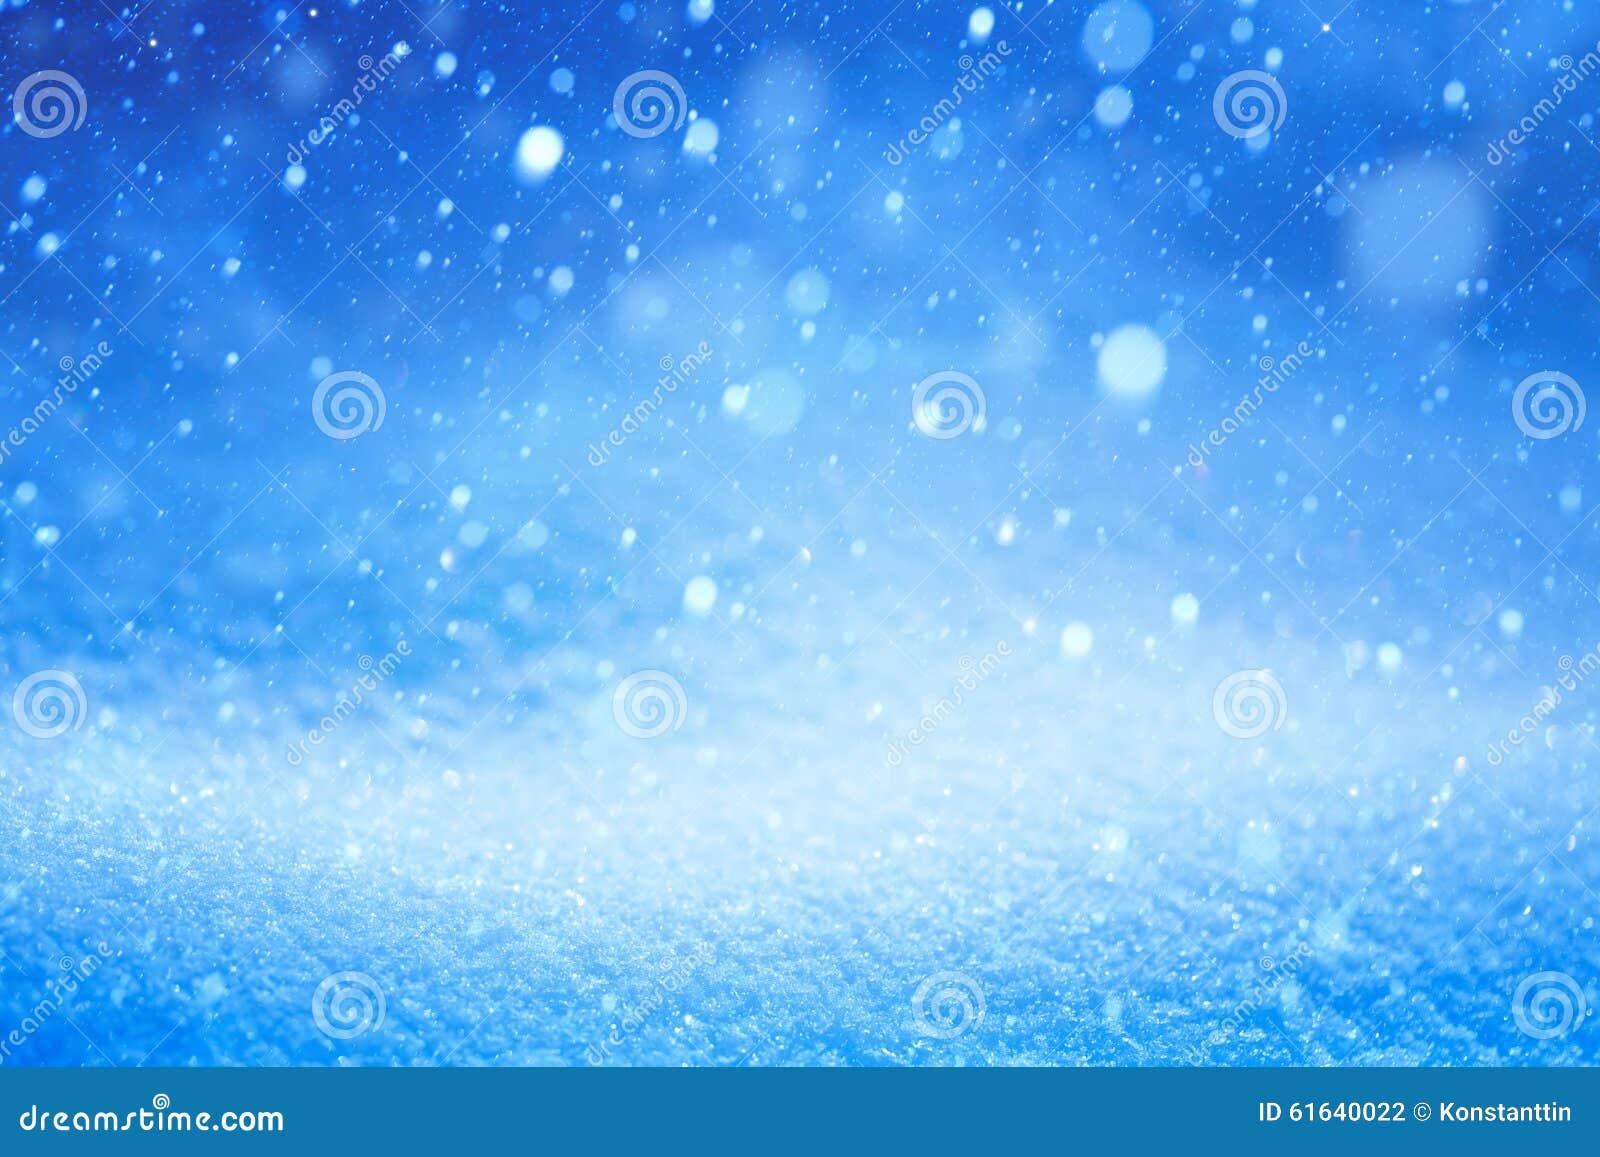 Paesaggio Blu Di Inverno Di Natale Con Neve Di Caduta Fotografia